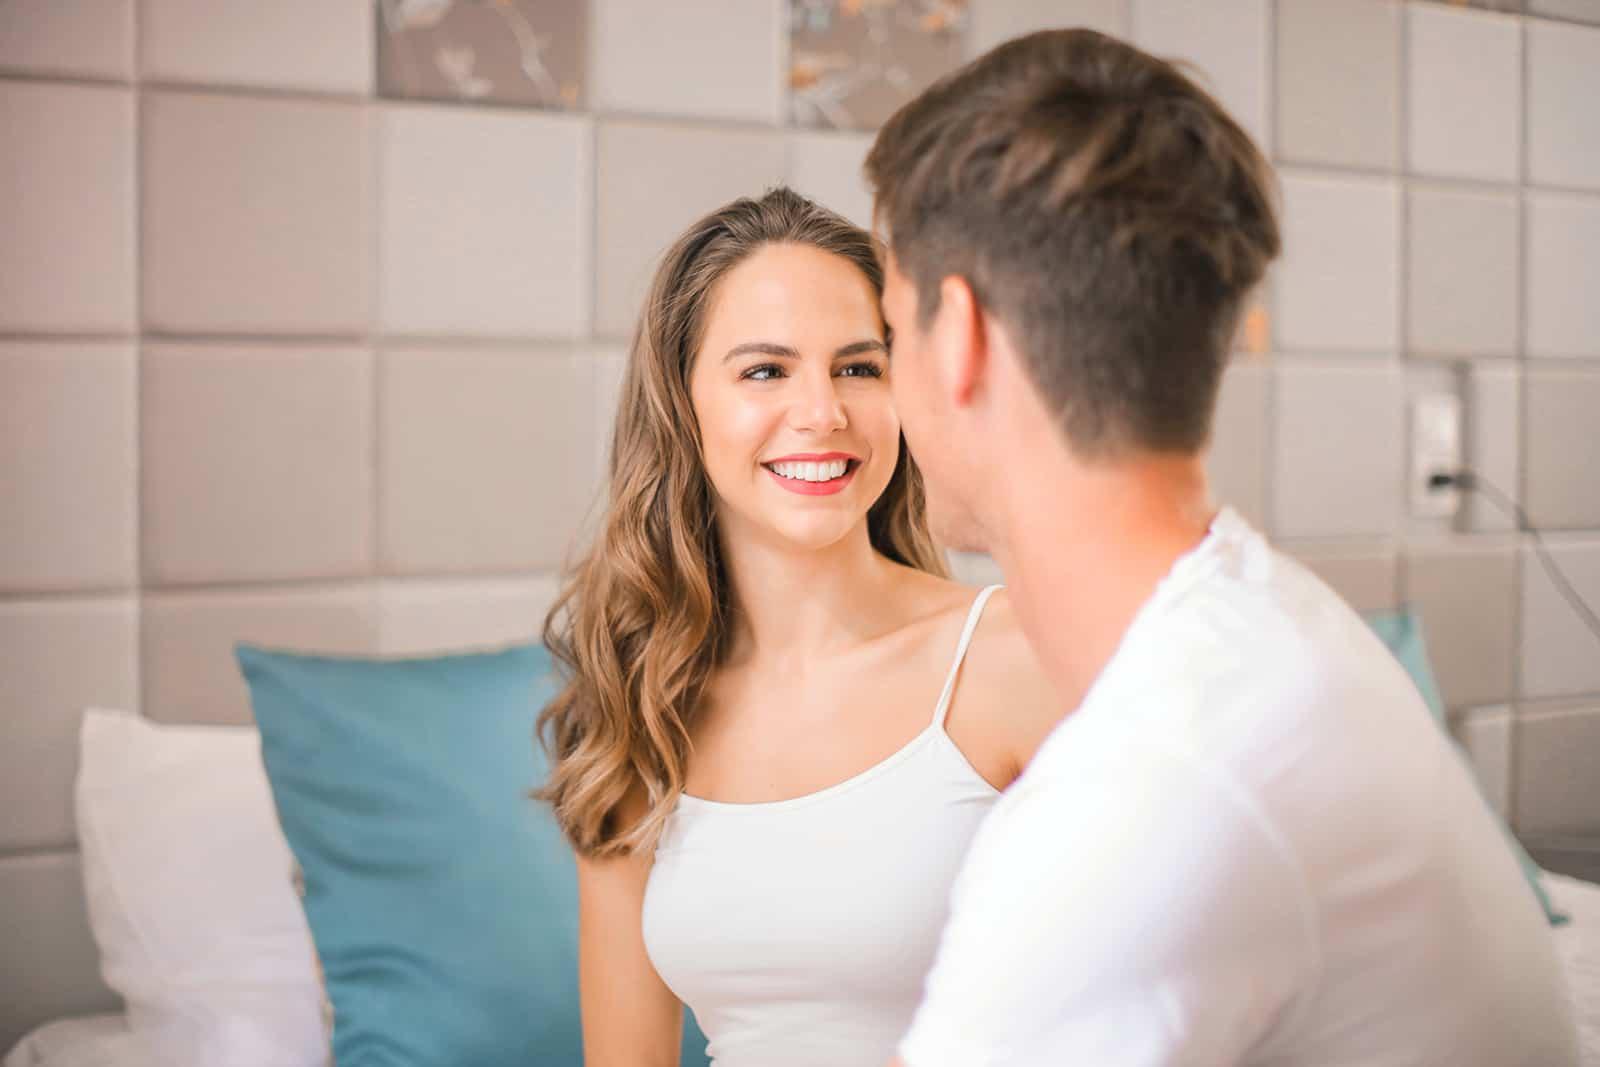 ein lächelndes Mädchen, das einen Mann ansieht, der nahe bei ihr auf dem Bett sitzt